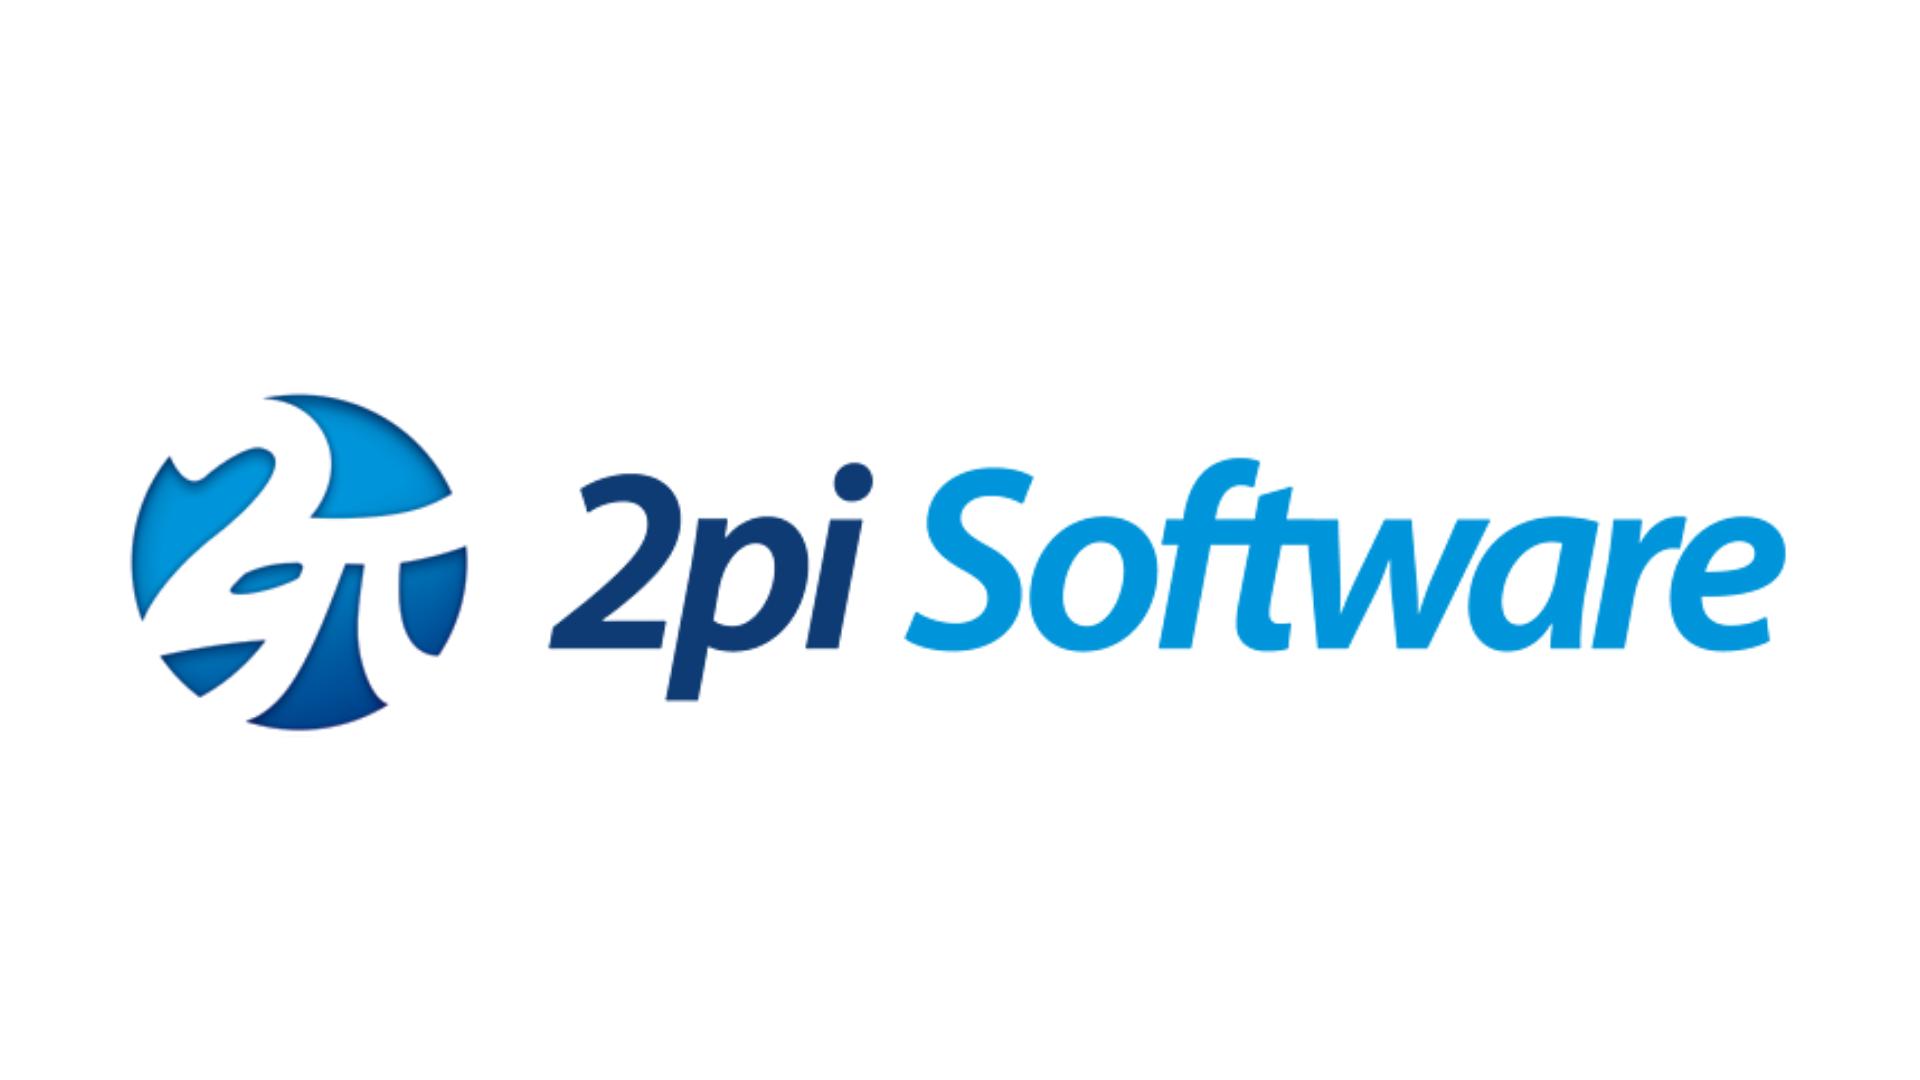 2pi Software